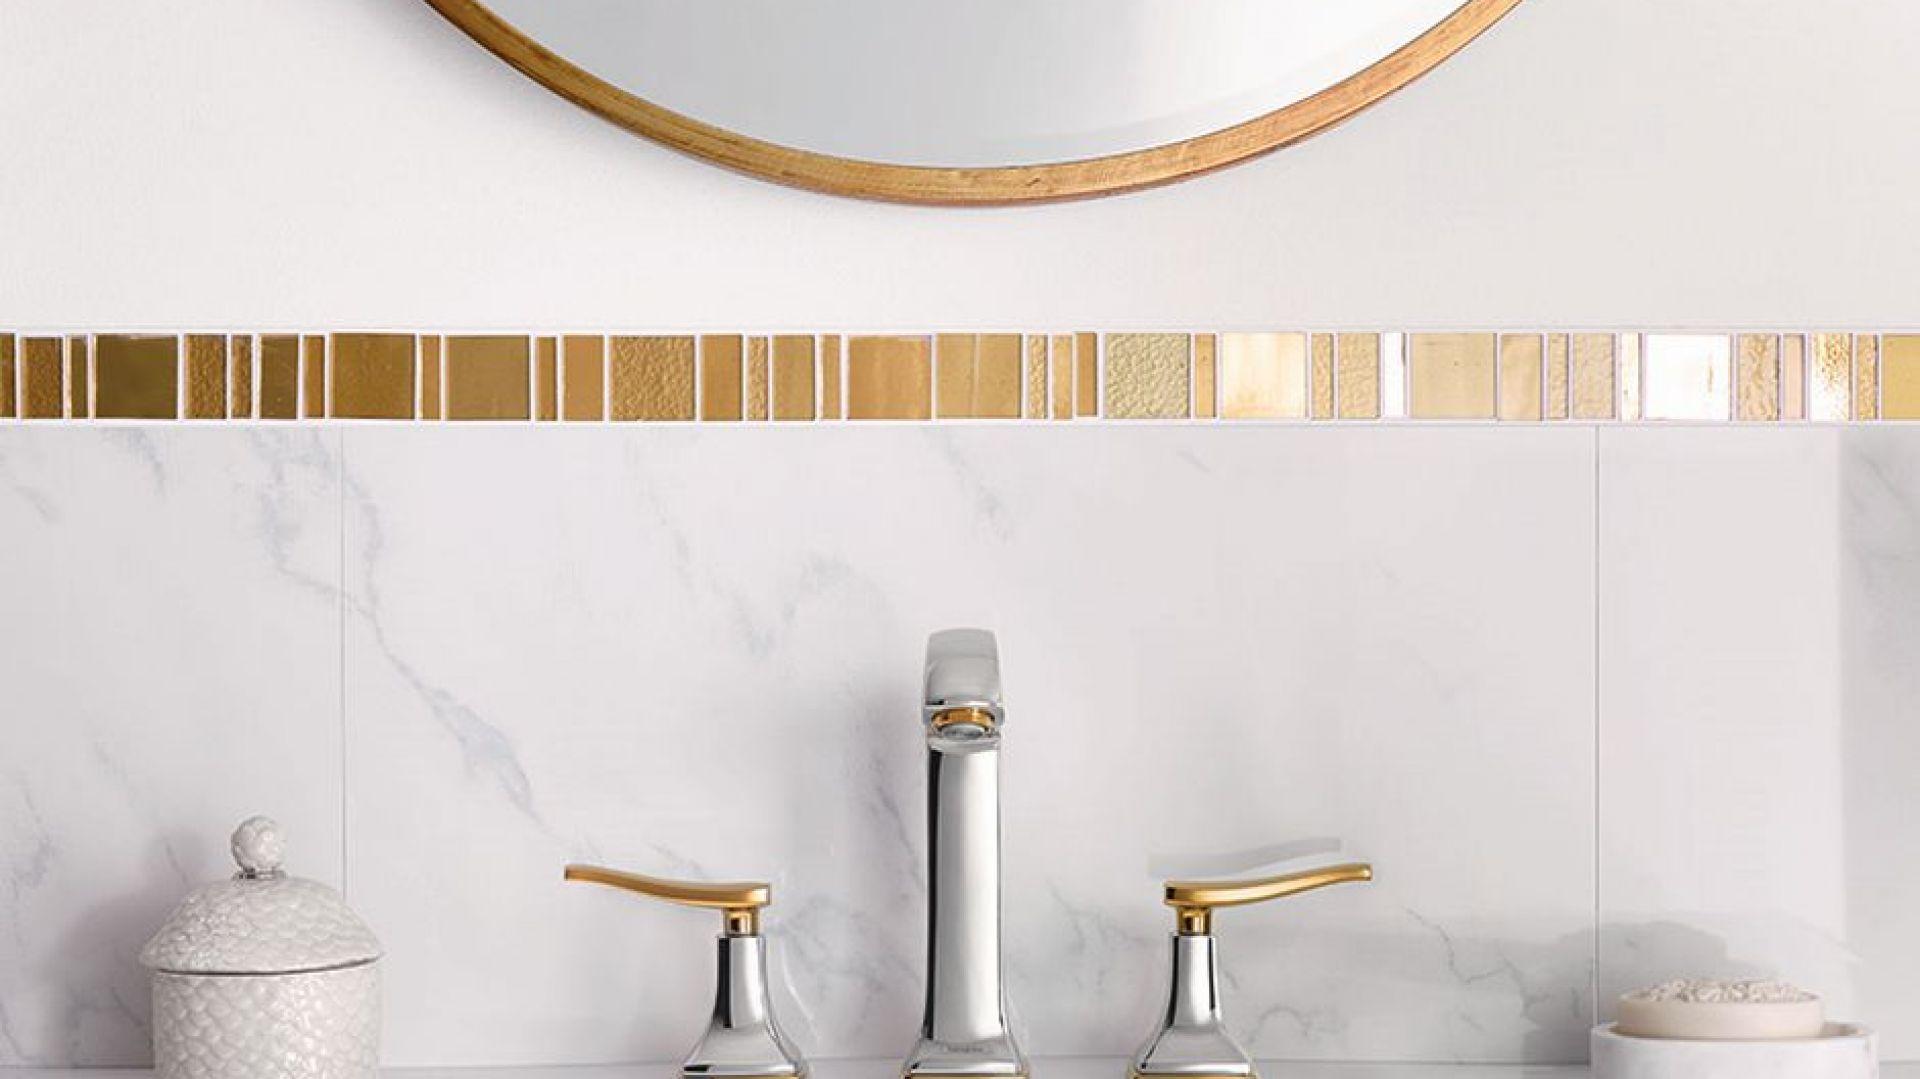 """Pomysł na białą łazienkę. Efekt """"wow"""" spotęguje wybór stylowej armatury łazienkowej od Hansgrohe. Metropol Classic. Fot. Materiały prasowe Greston"""